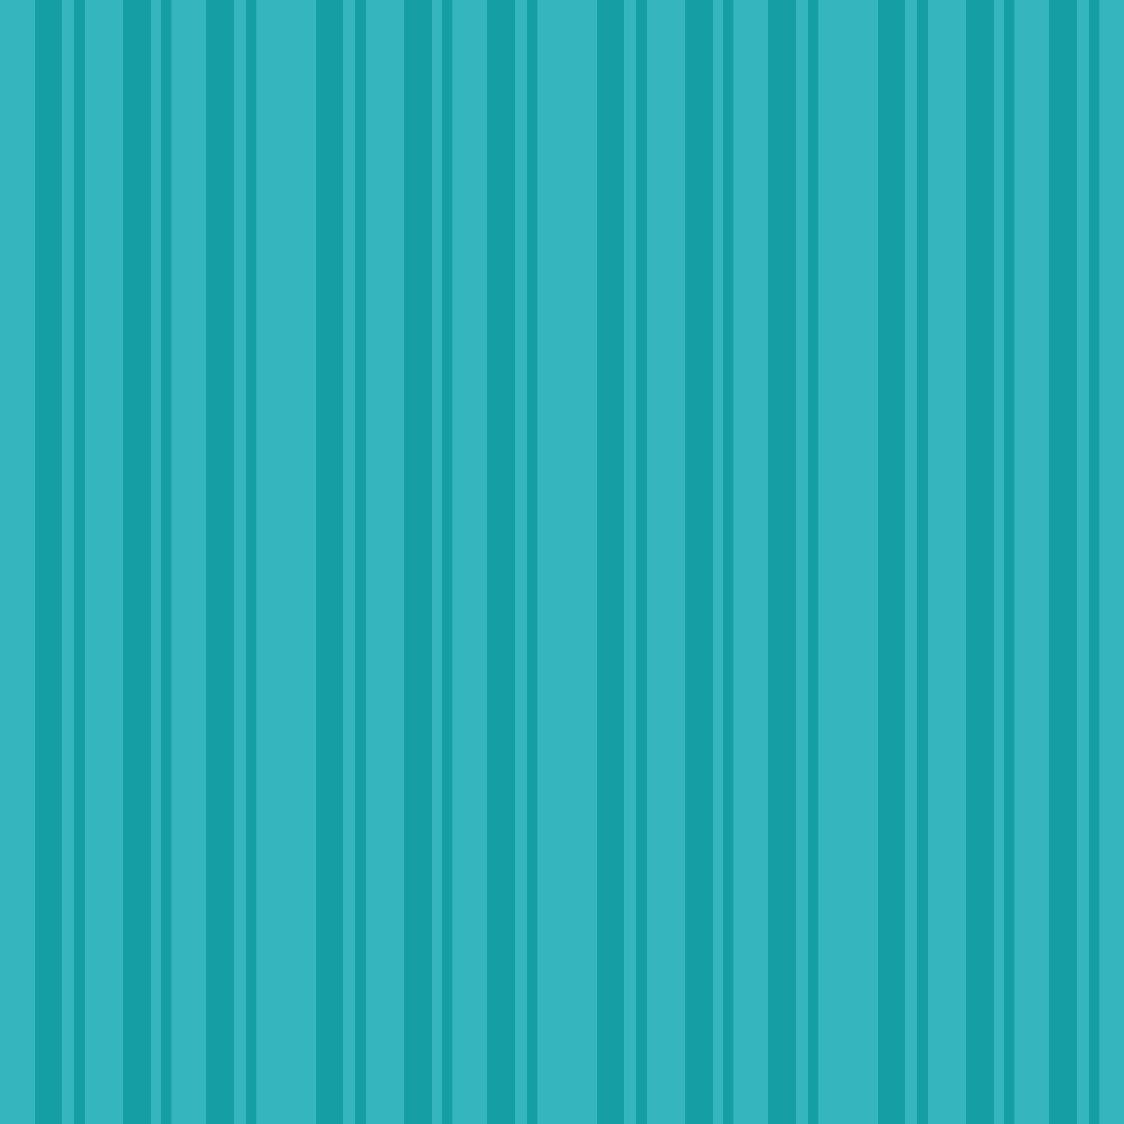 de rayas verticales de colores azules fondo de rayas verticales